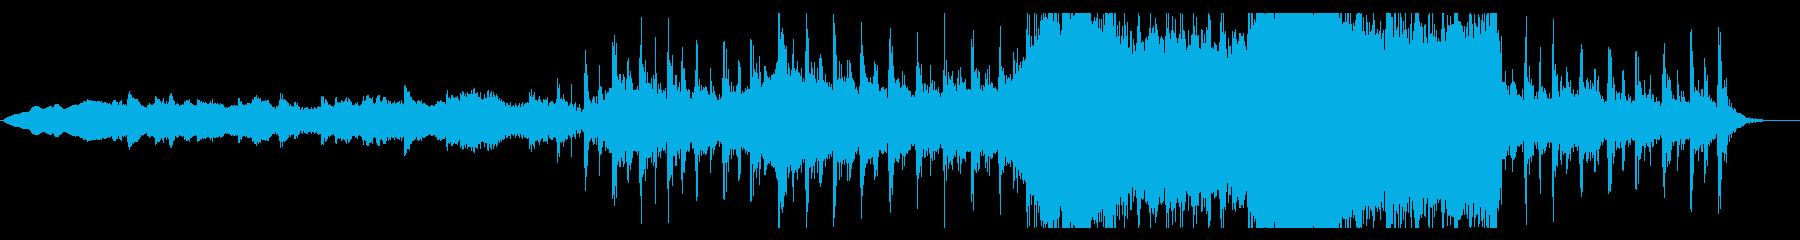 壮大な宇宙をテーマにしたトレーラー音楽の再生済みの波形